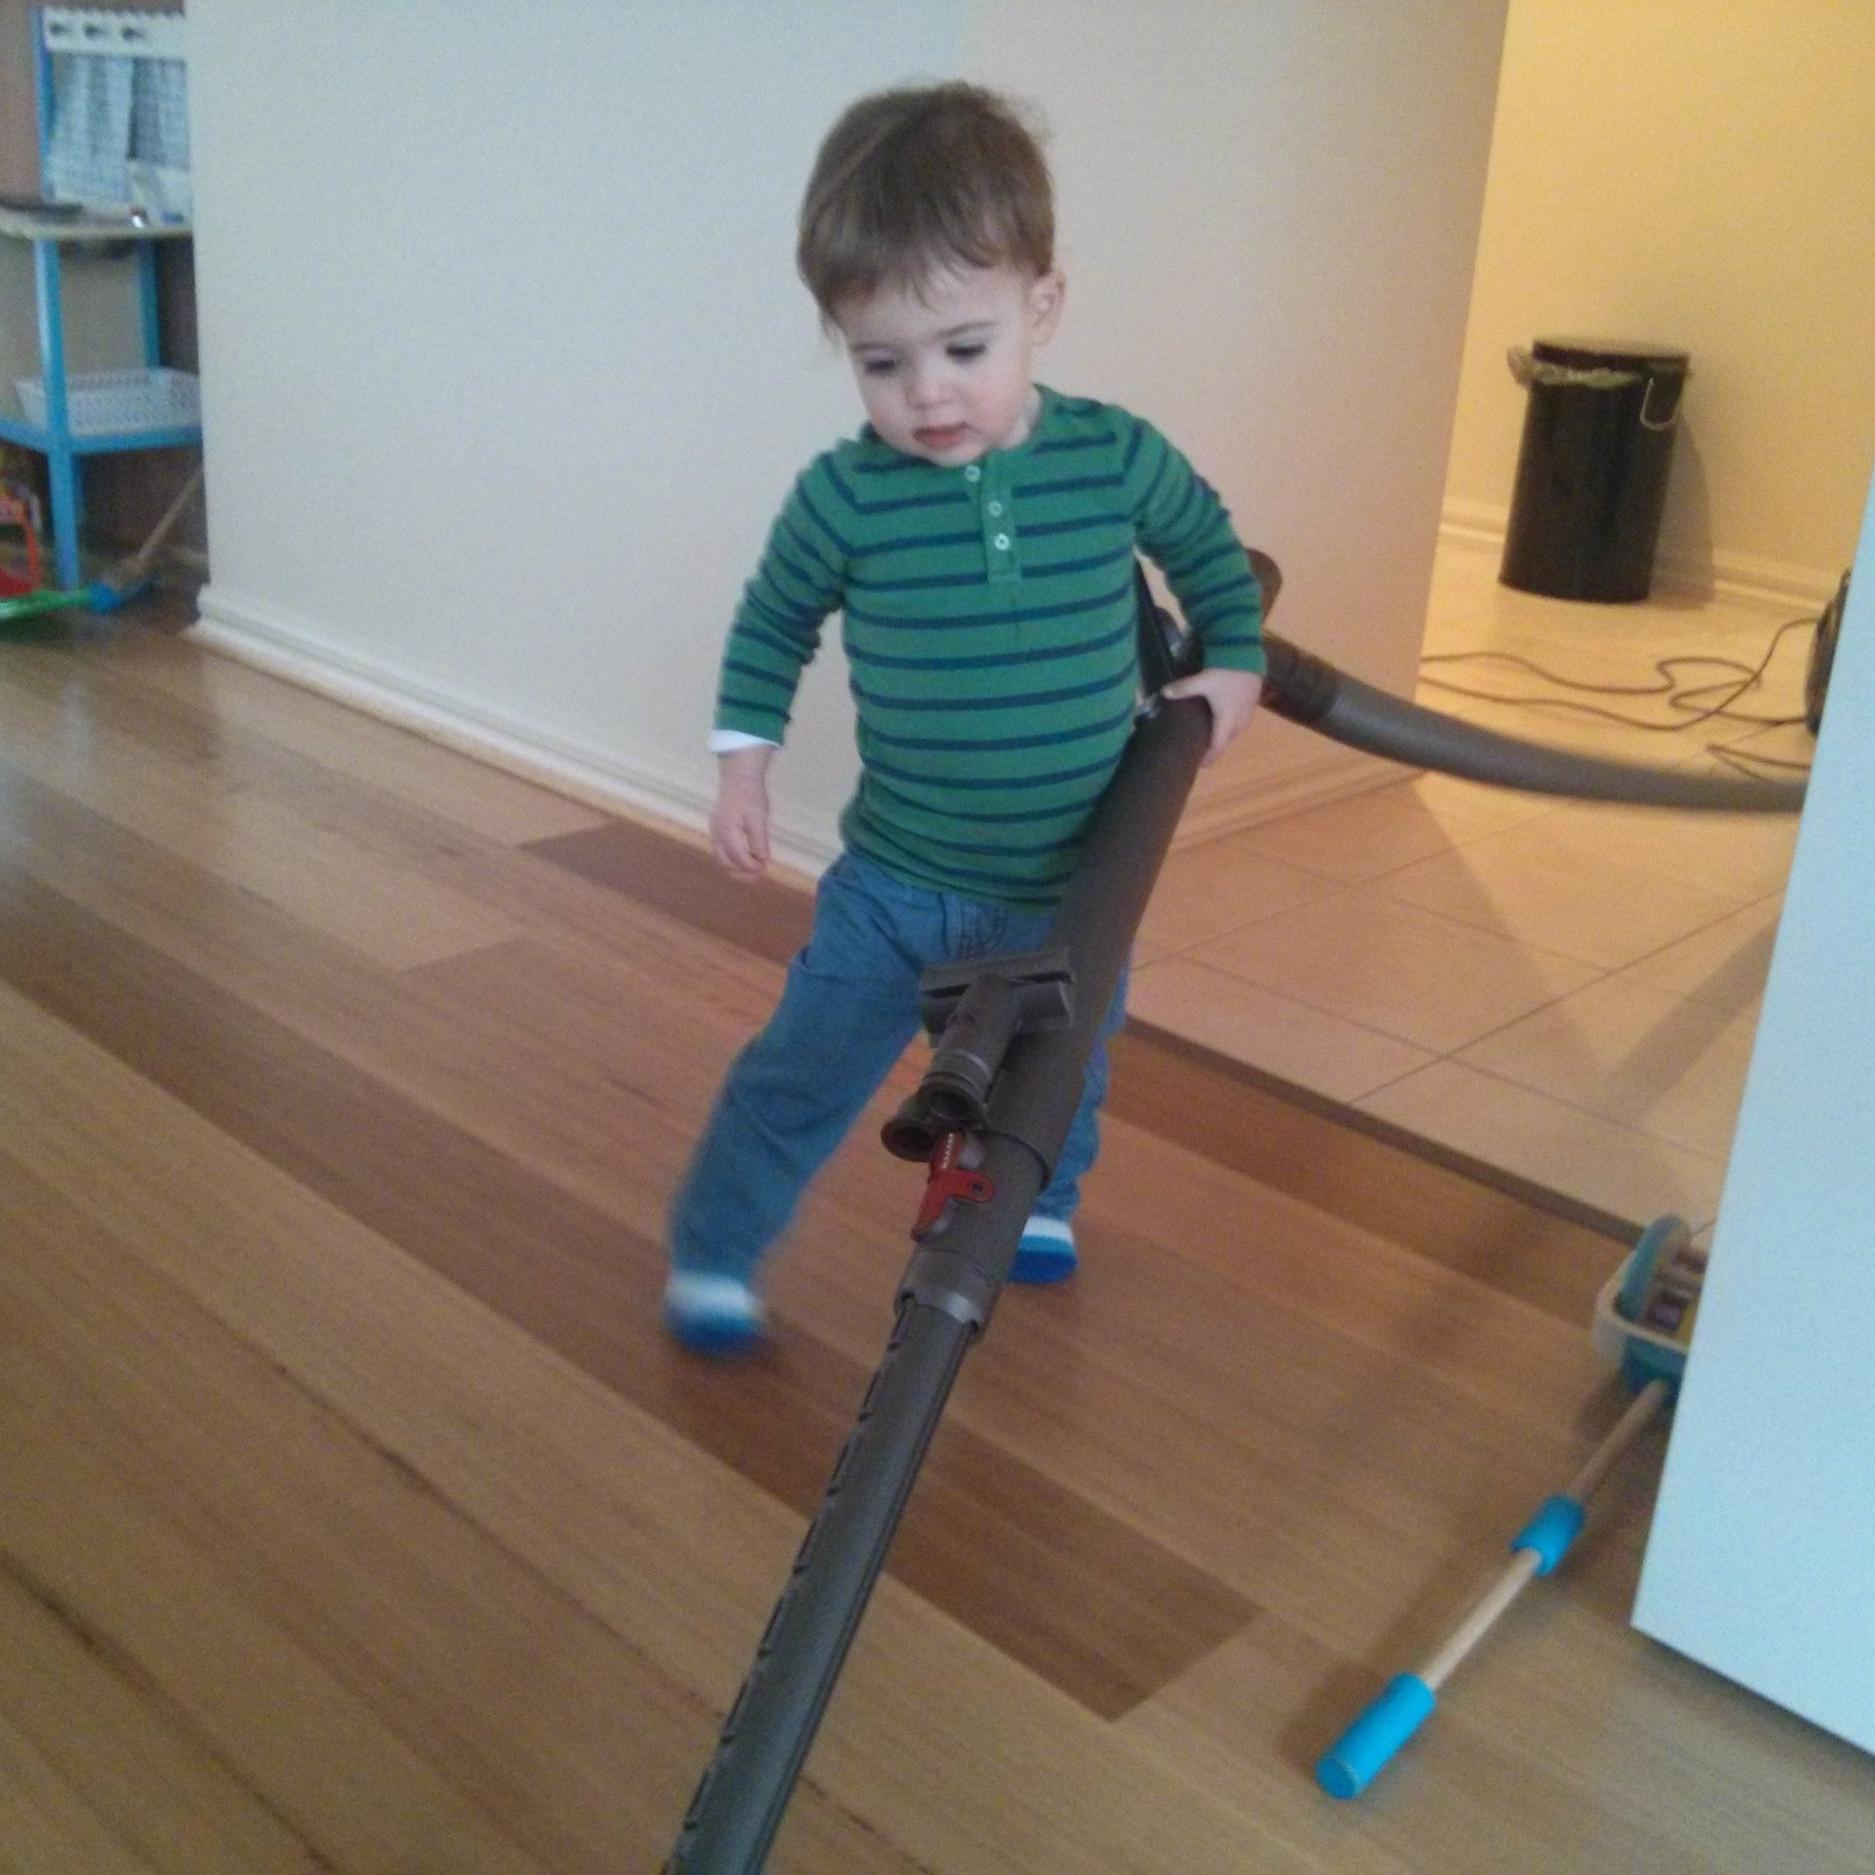 child vacuuming